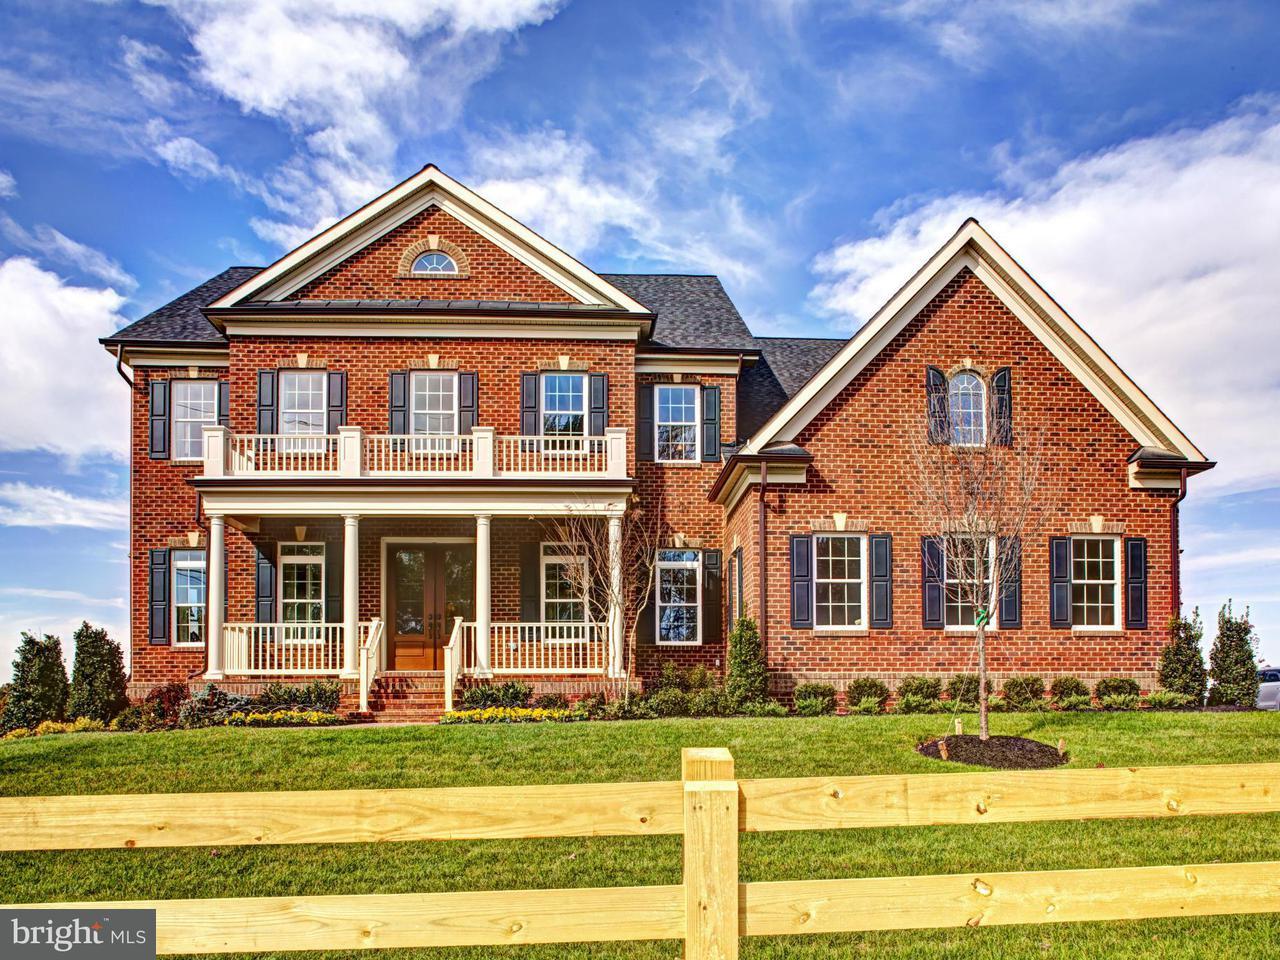 Maison unifamiliale pour l Vente à 15325 GALAXY WAY 15325 GALAXY WAY Woodbine, Maryland 21797 États-Unis